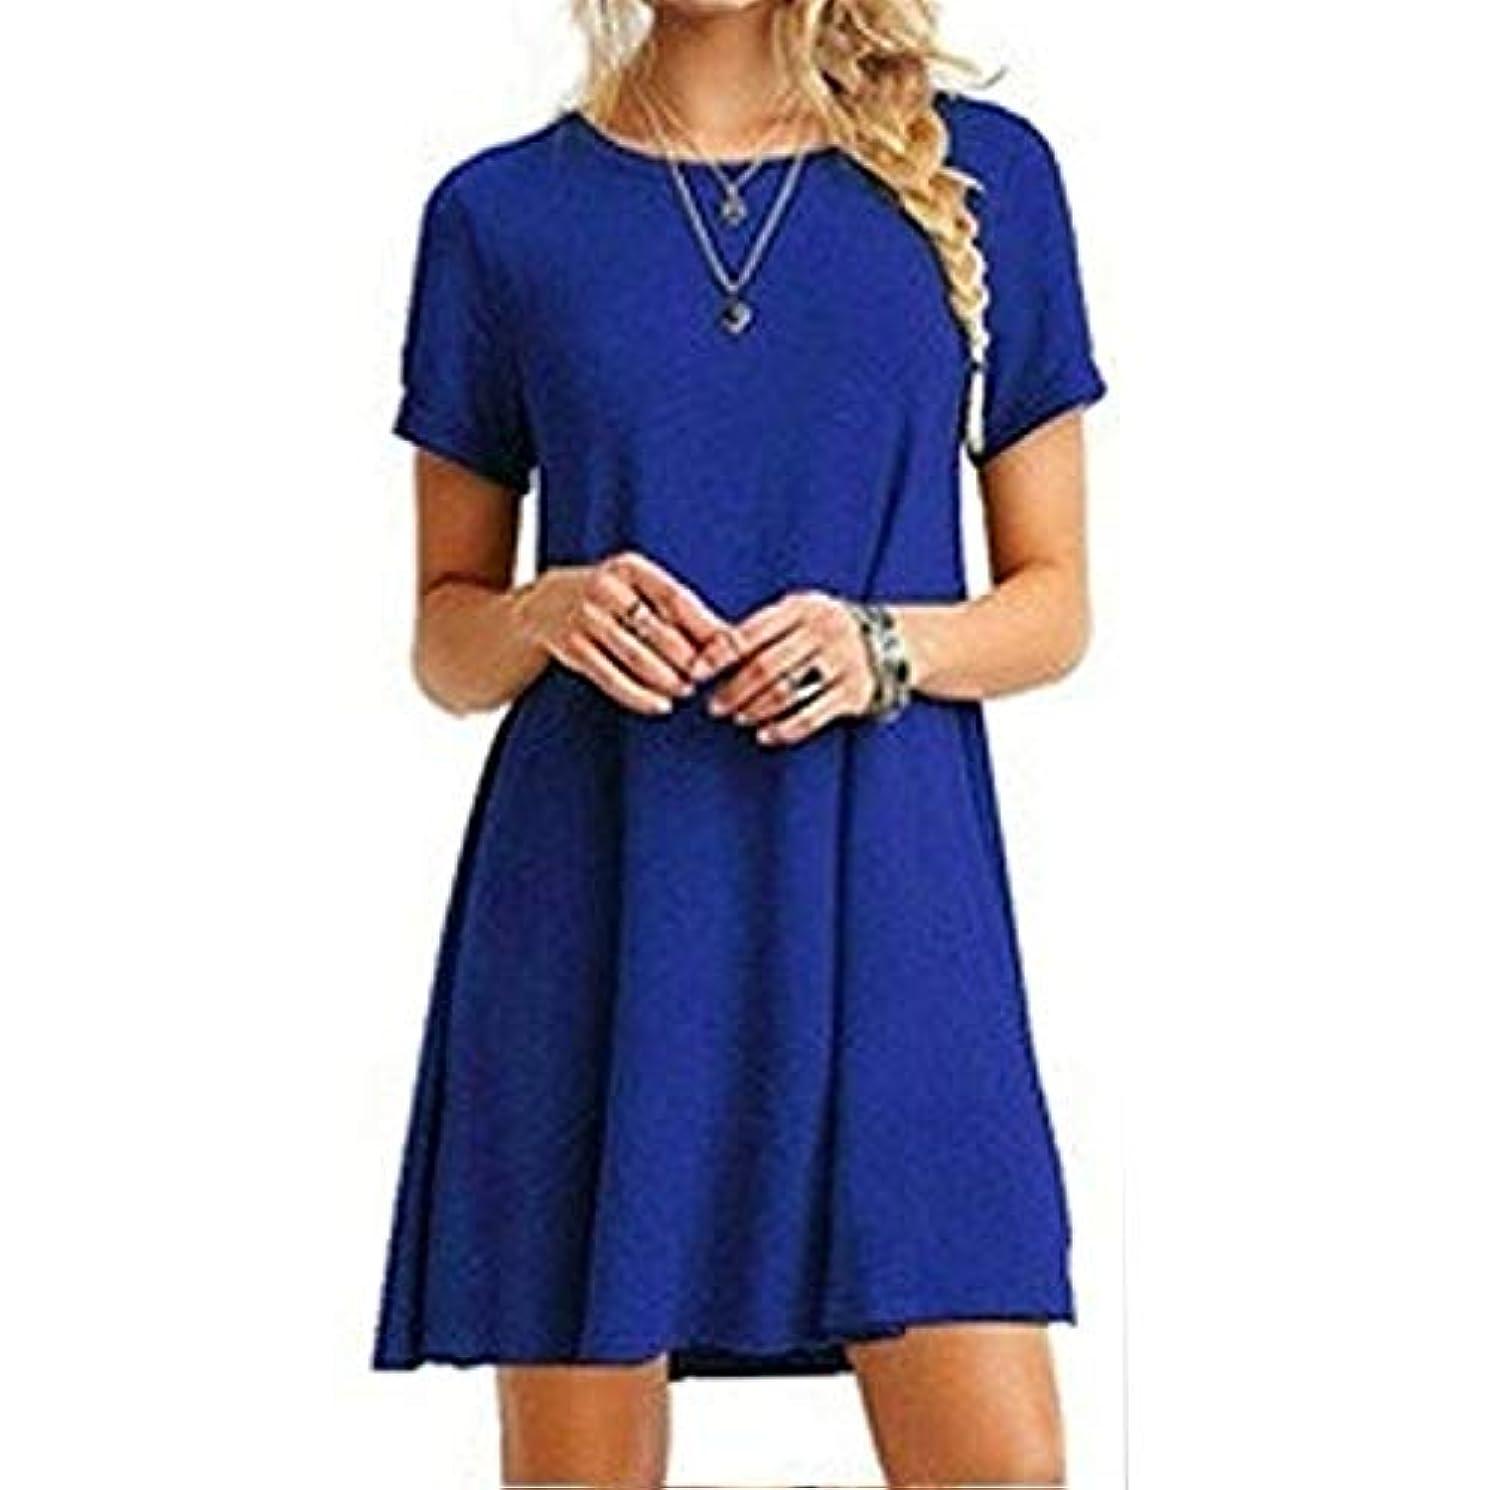 ブッシュ食欲スカーフMIFAN女性のファッション、カジュアル、ドレス、シャツ、コットン、半袖、無地、ミニ、ビーチドレス、プラスサイズのドレス